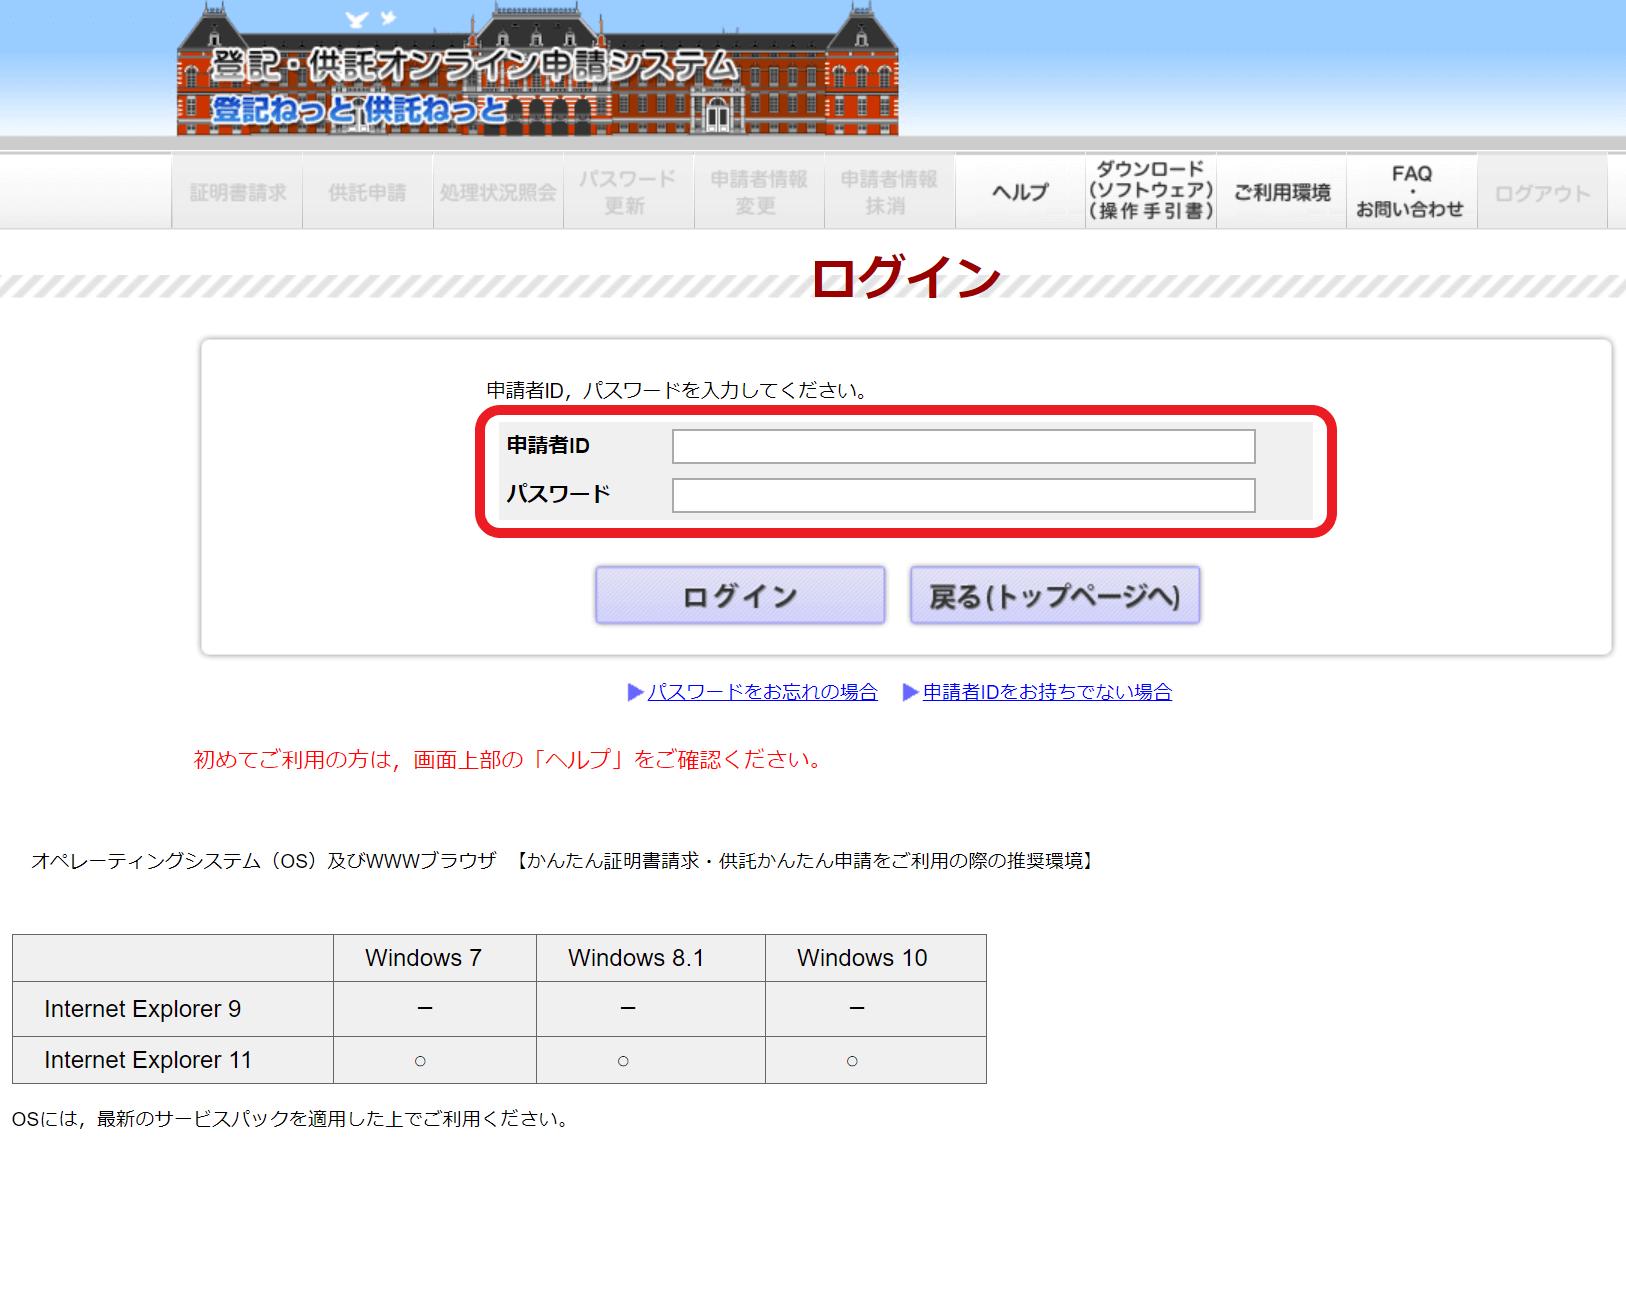 登記・供託オンライン申請システム